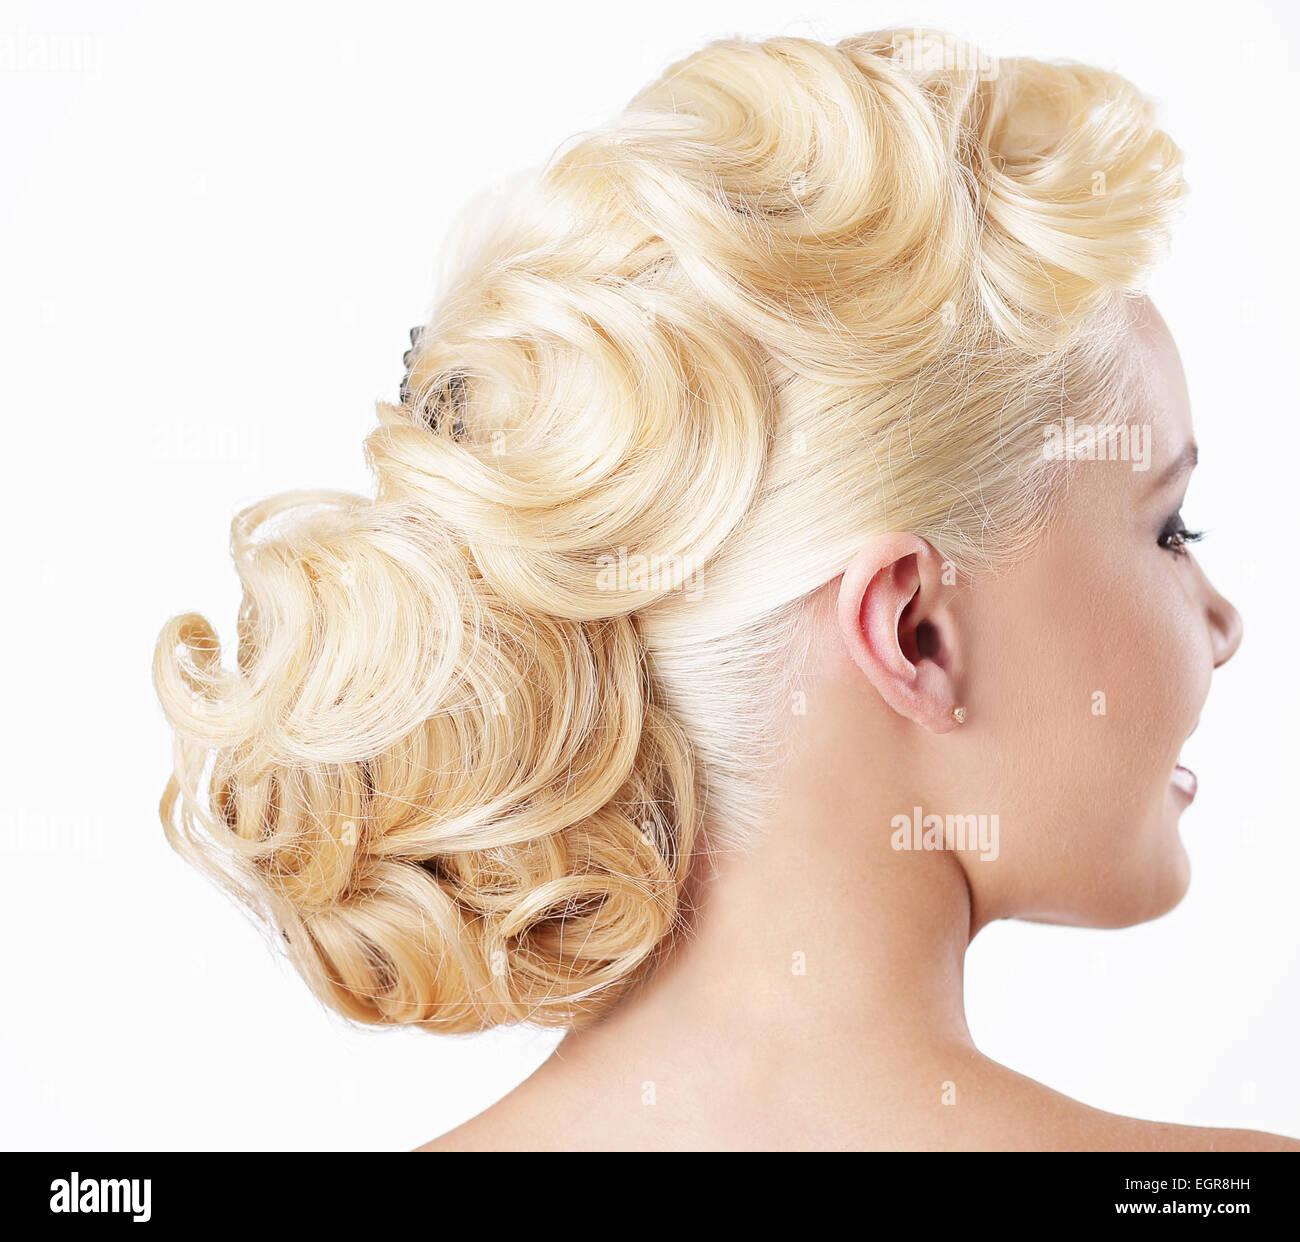 L'élégance. Vue arrière de la Coiffure de fête avec blonde Photo Stock